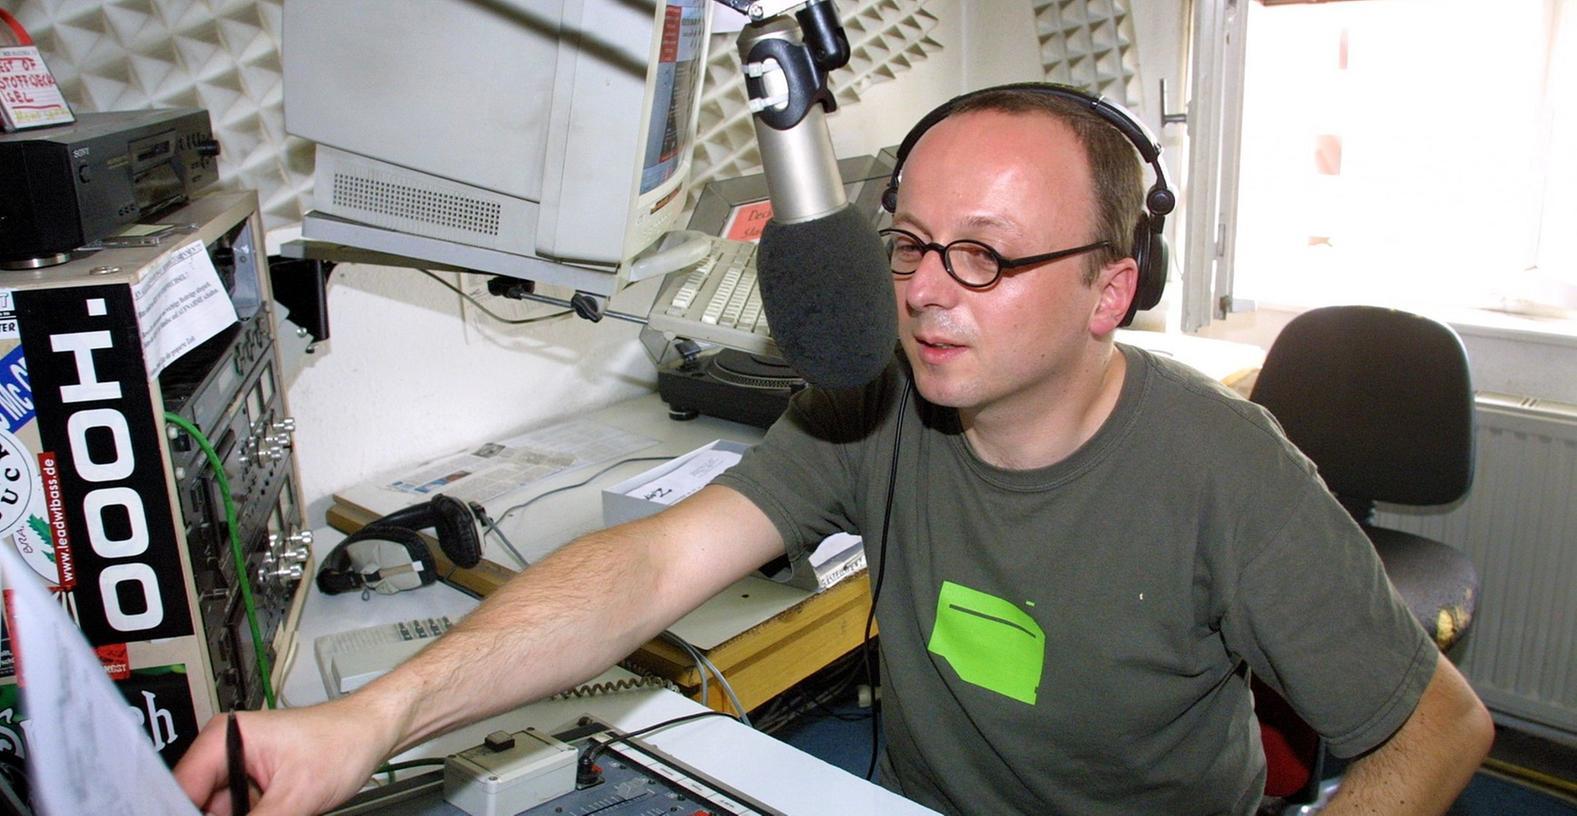 Die Städte machen sich für Radio Z - im Bild Moderator Stefan Wagner - bei der Bayerischen Landeszentrale für Neue Medien stark.